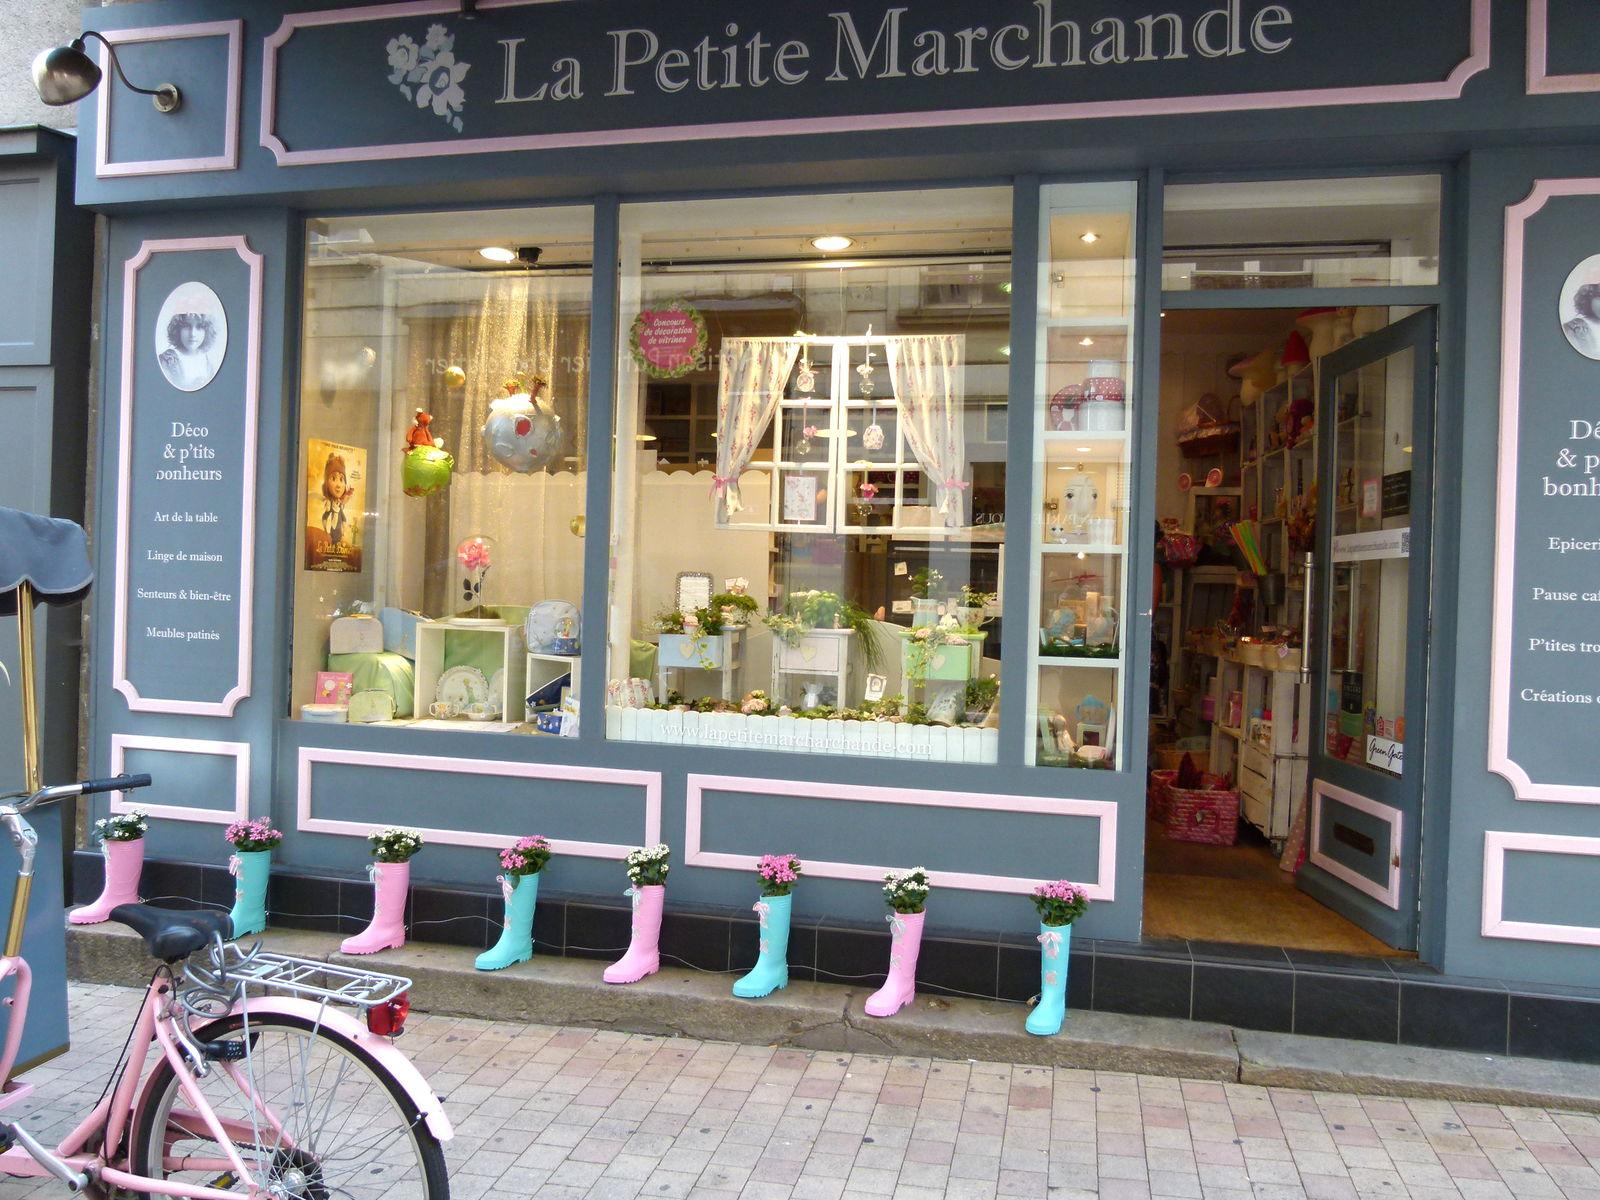 Commerces magasins cadeaux d coration angers - La petite marchande angers ...